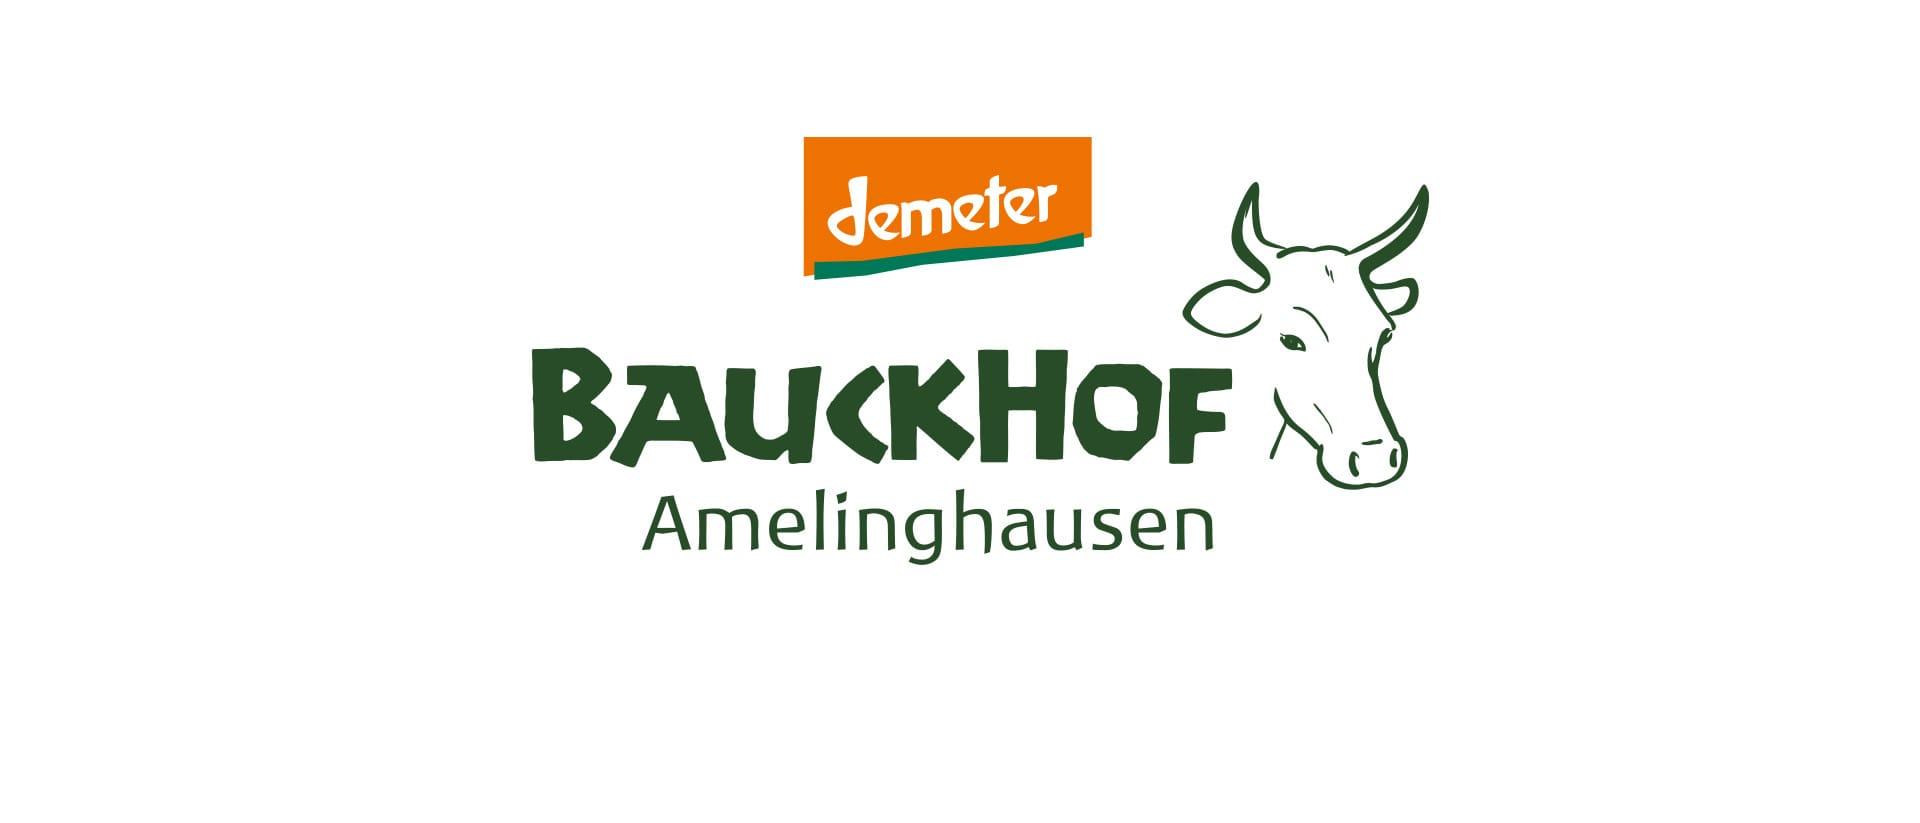 Logo Bauckhof Amelinghausen von Redeleit und Junker